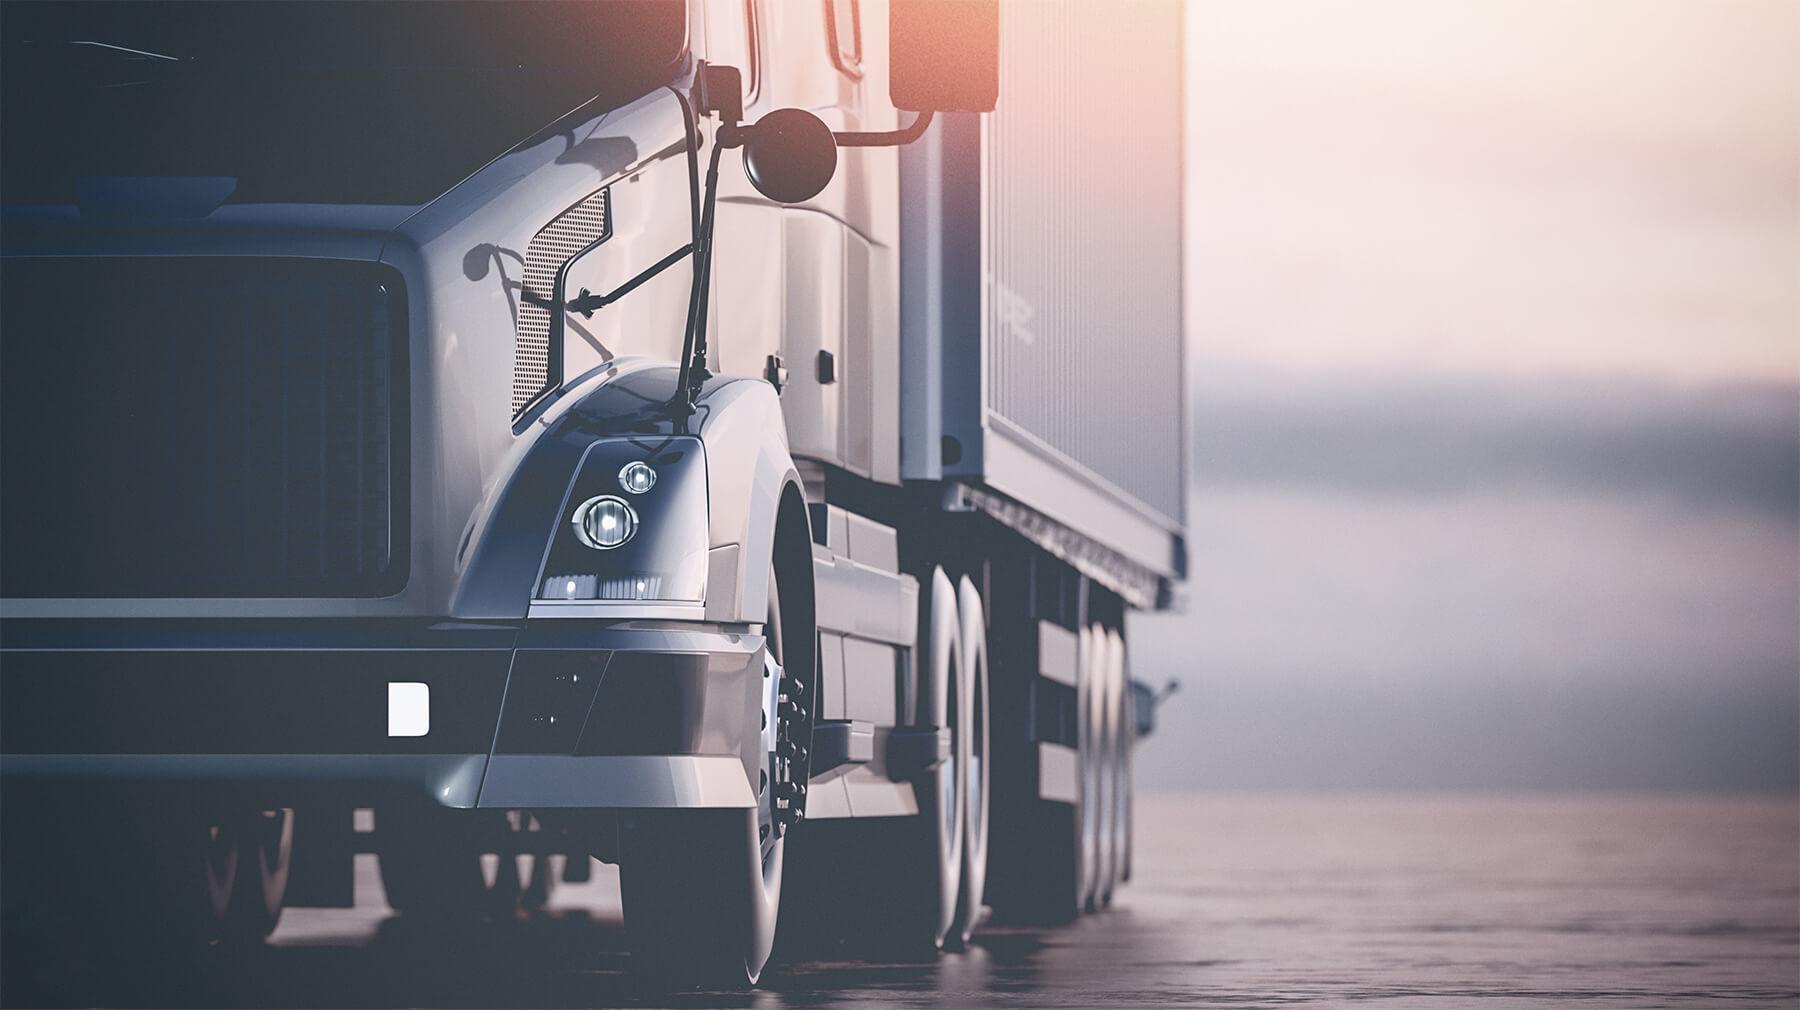 Fleet truck and trailer